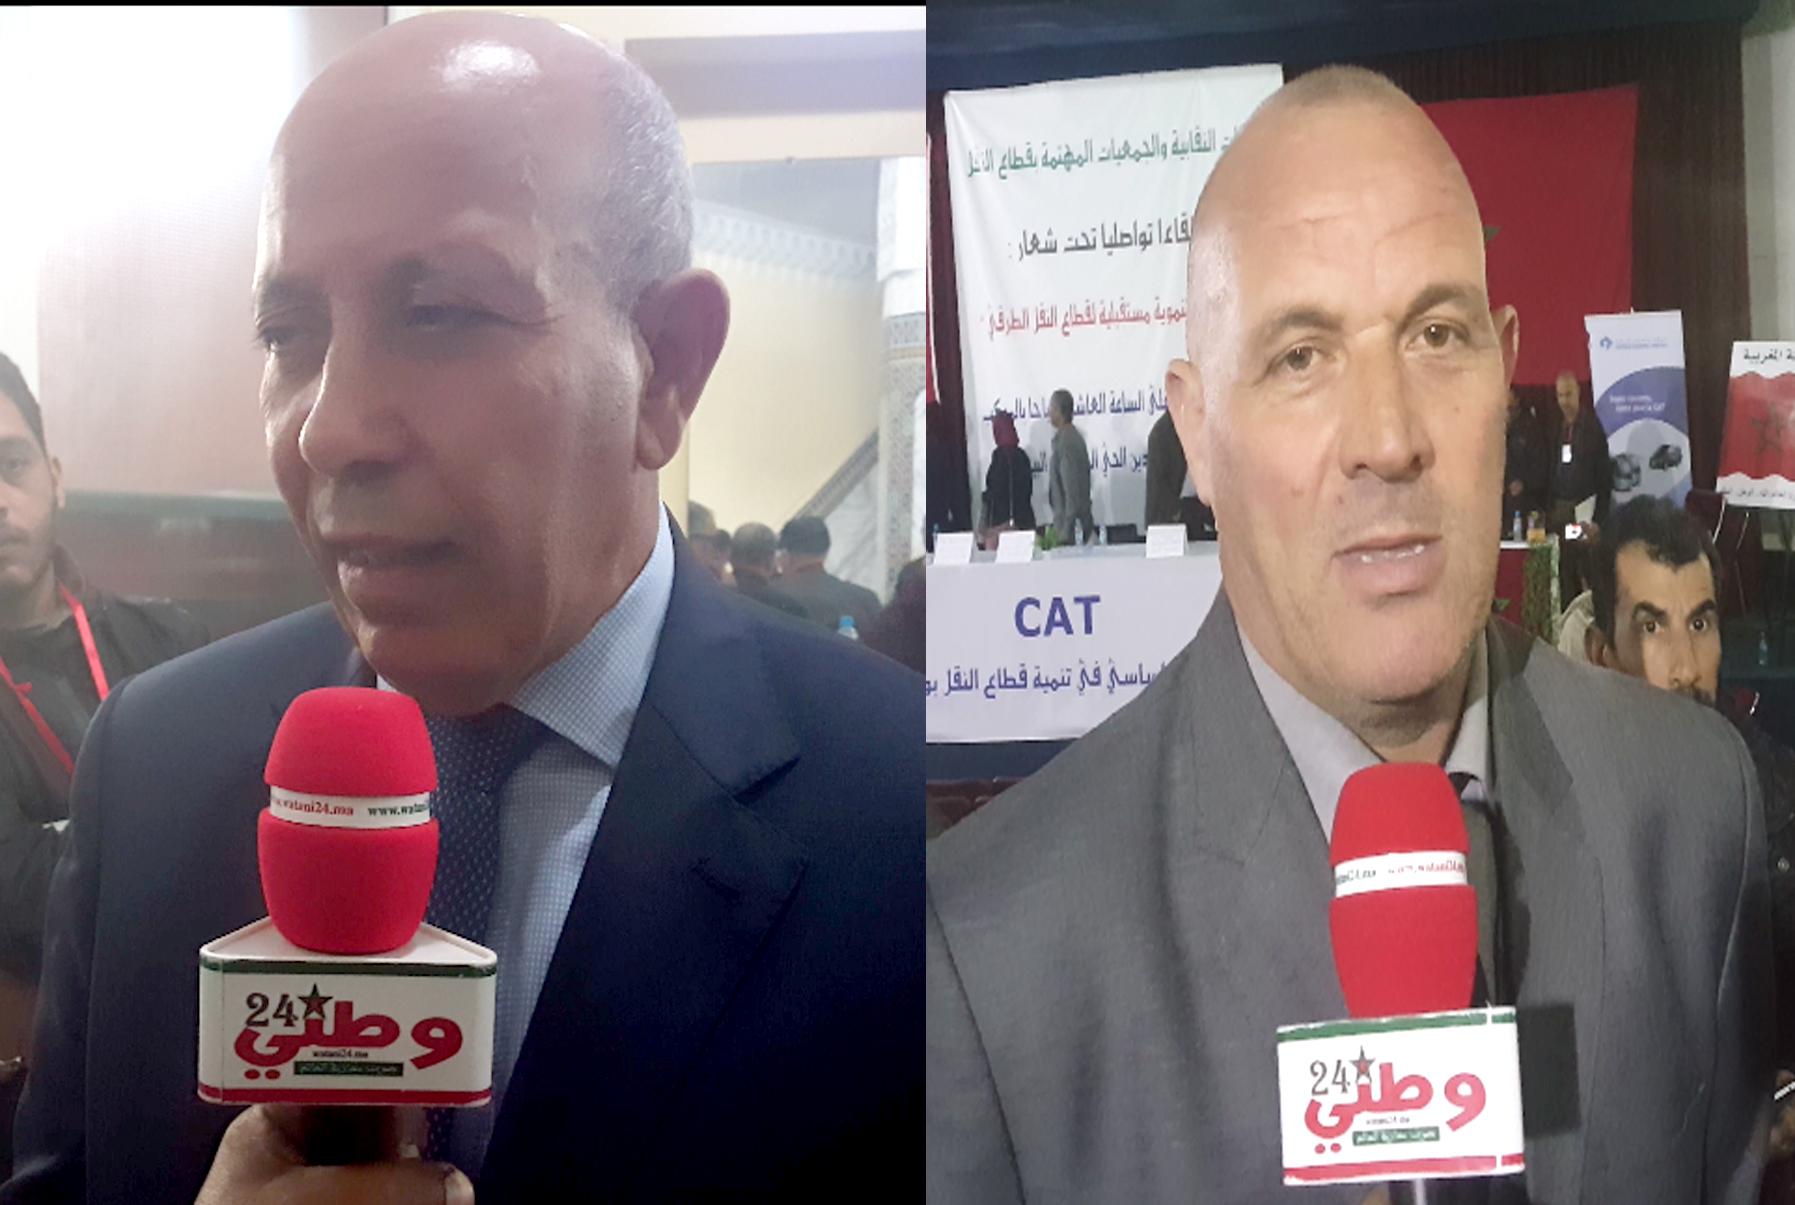 على هامش القاء التواصلي لمهني النقل بالمغرب أحمد التاقي يتحدث عن مشاكل القطاع